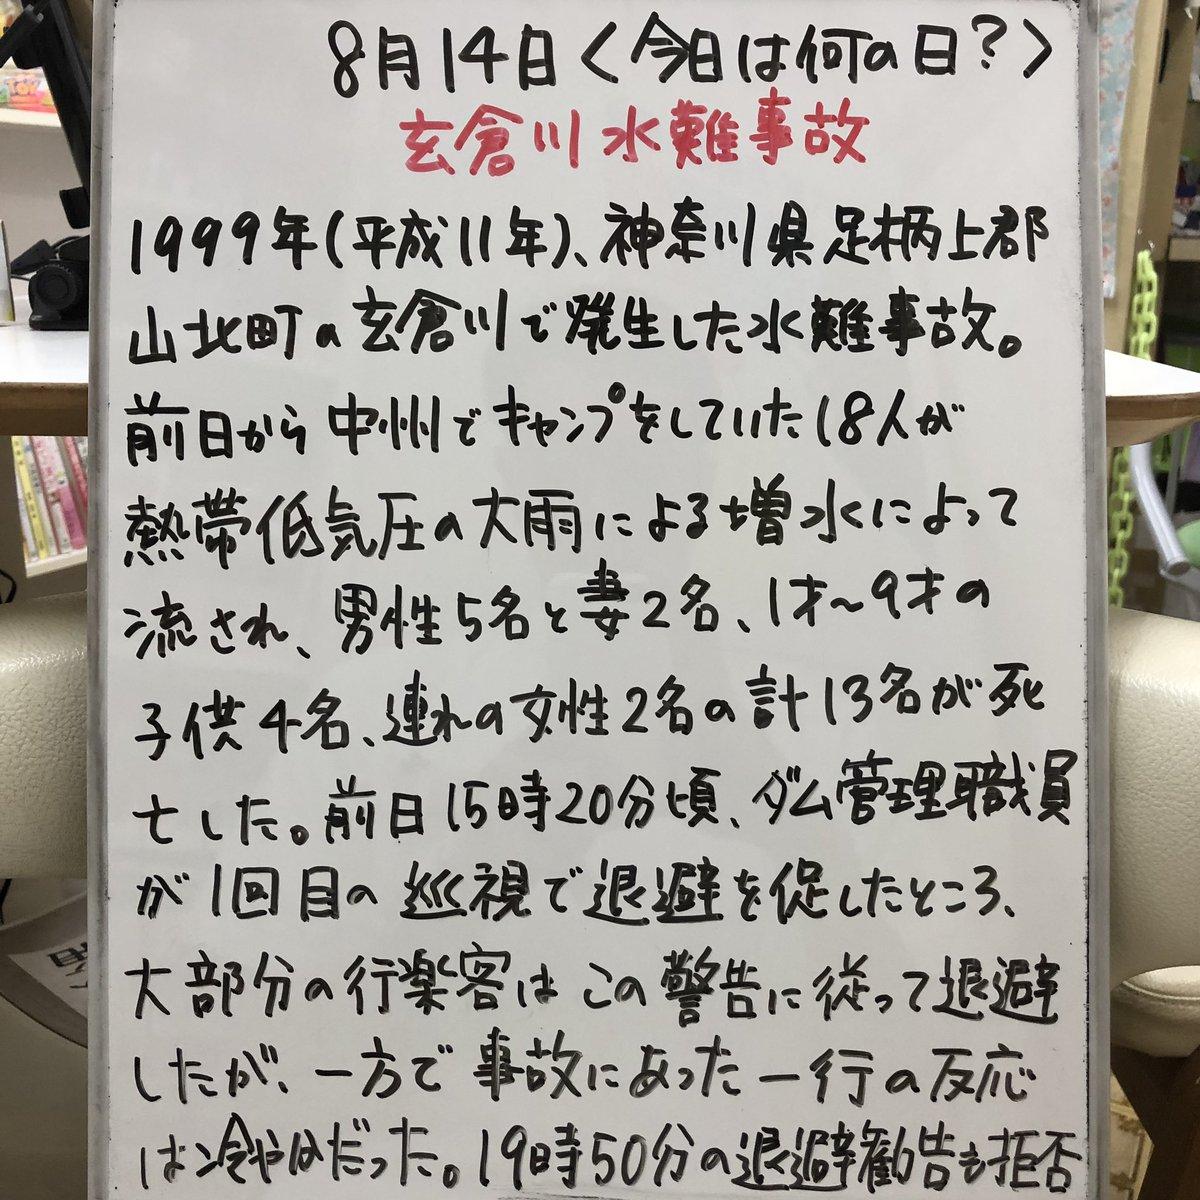 事故 水難 リーダー 川 玄倉 玄倉川水難事故(DQN川流れ)のその後を詳しく解説!